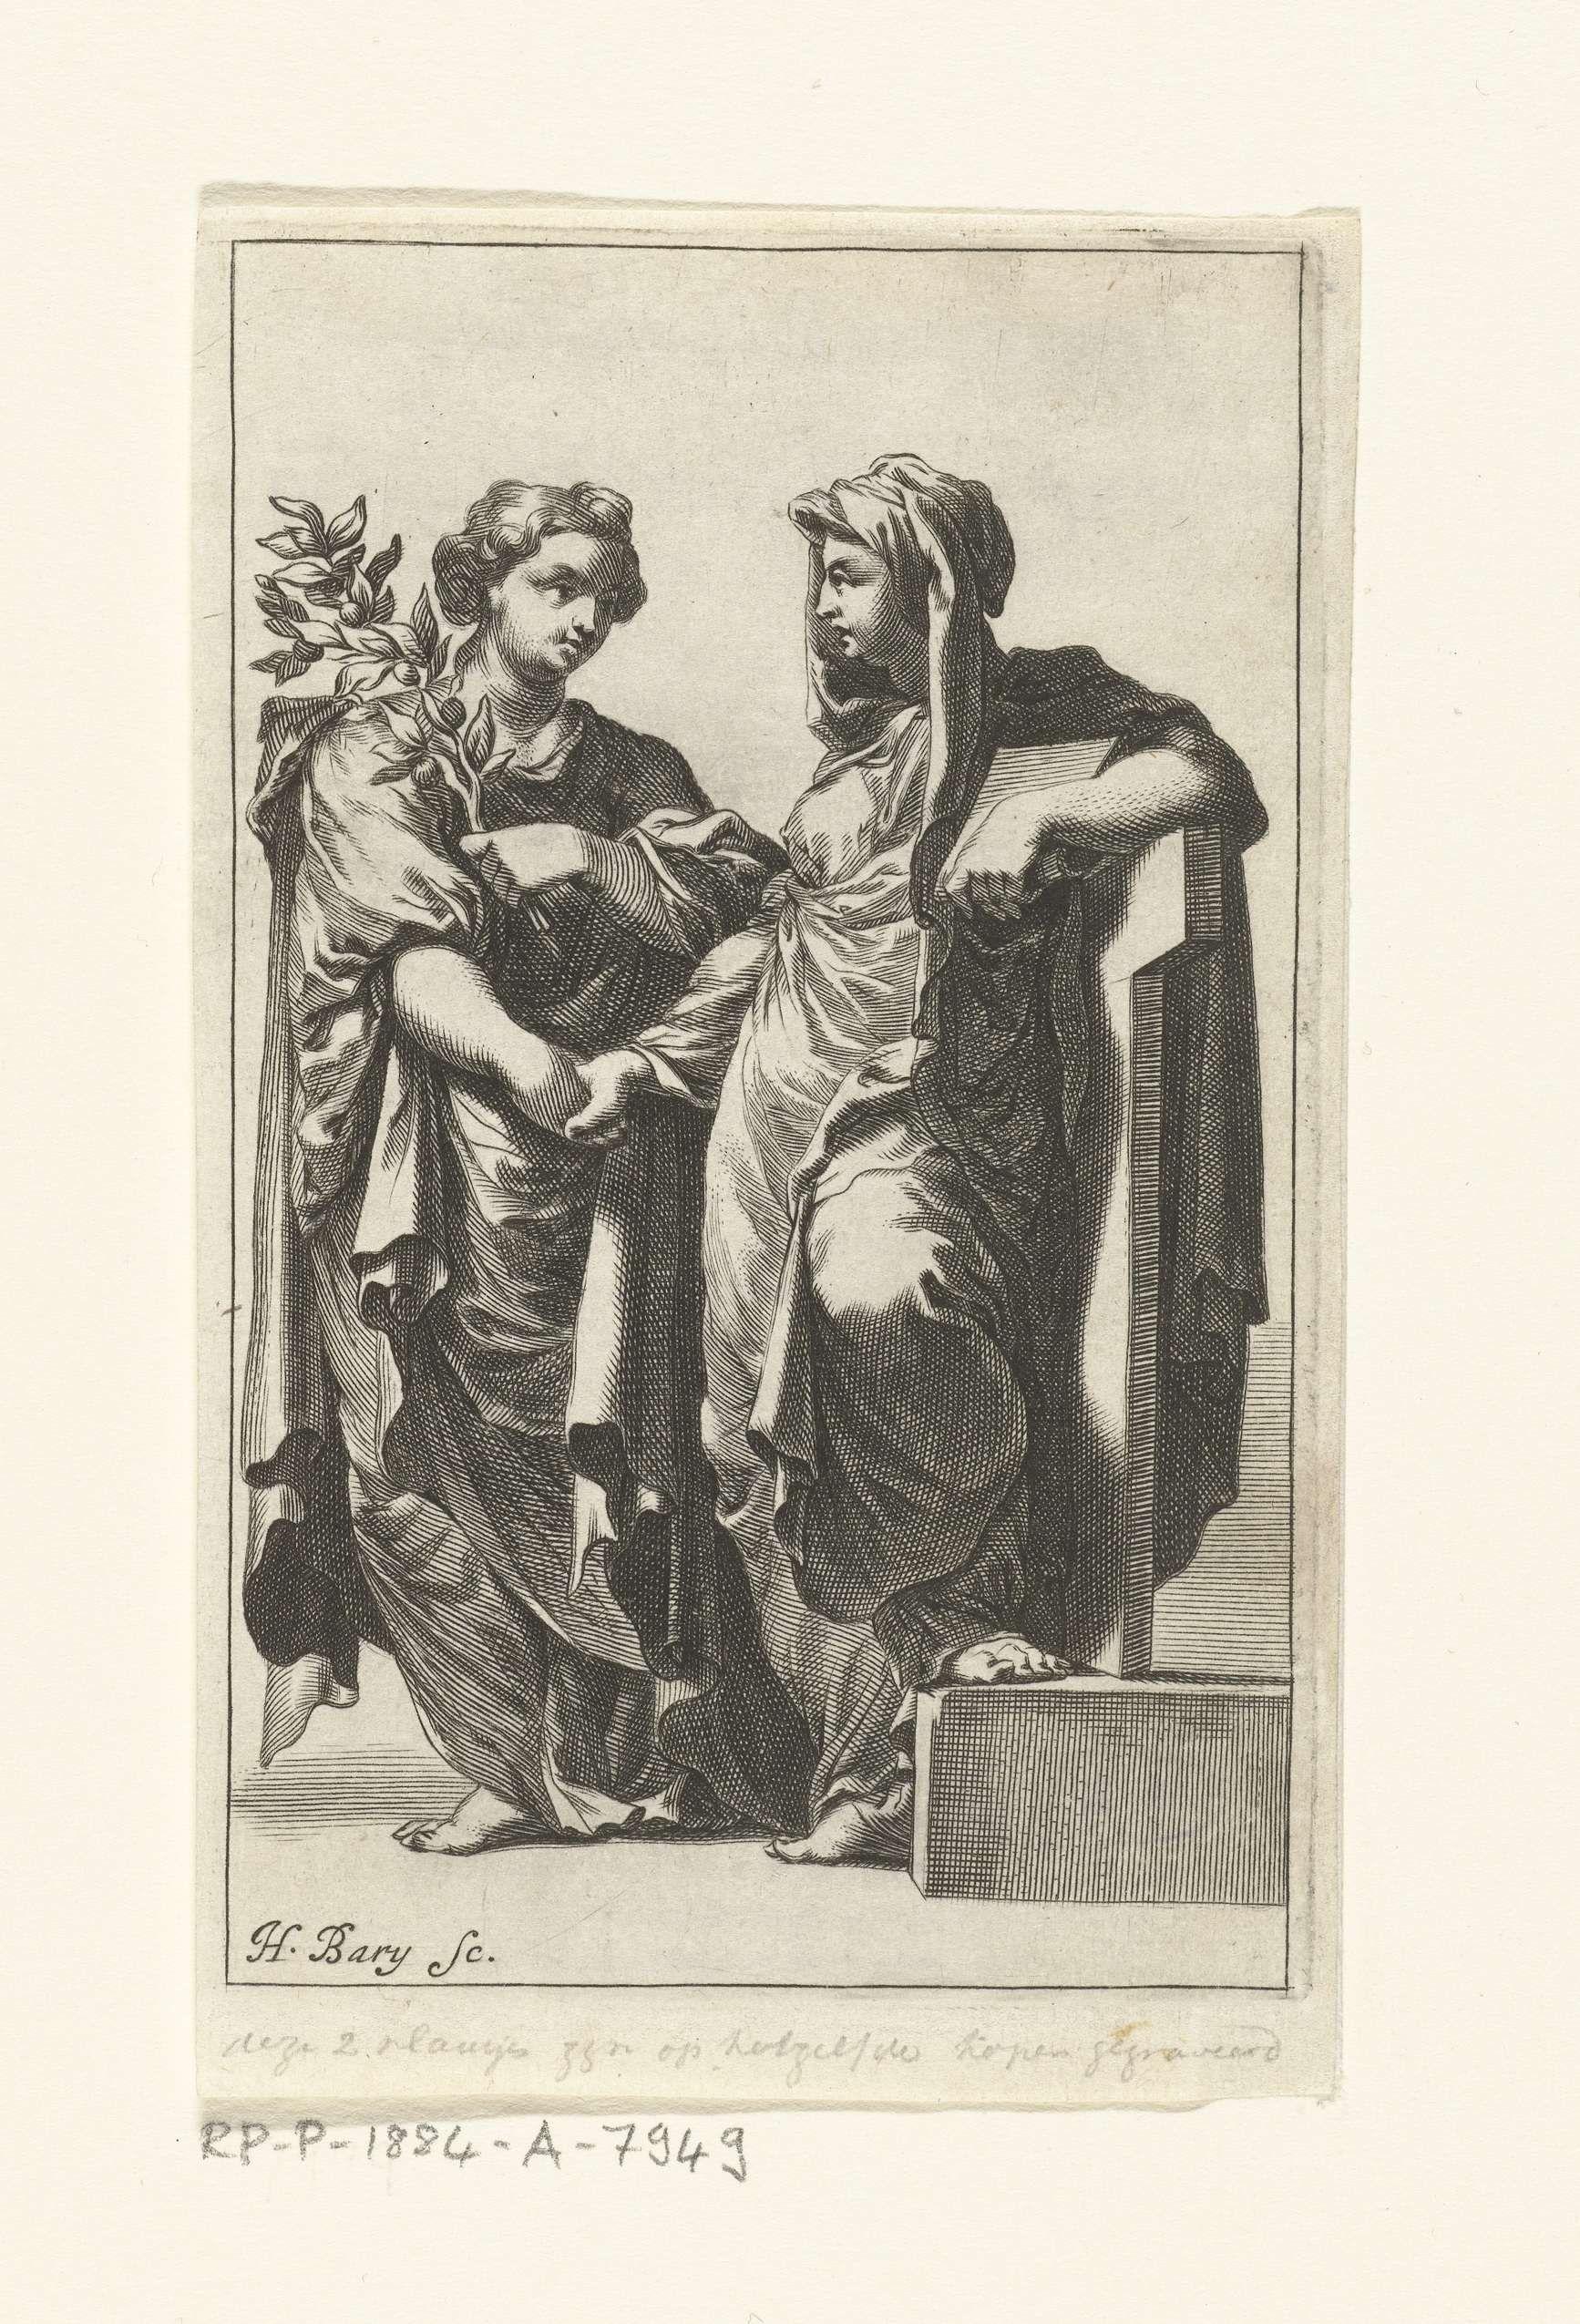 Hendrik Bary | Godsdienst reikt Vrede de hand, Hendrik Bary, 1657 - 1707 | Rechts staat de personificatie van de Godsdienst, met de bijbel in haar hand, rustend op een kruis. Zij reikt de Vrede, te herkennen aan de olijftak, de hand.